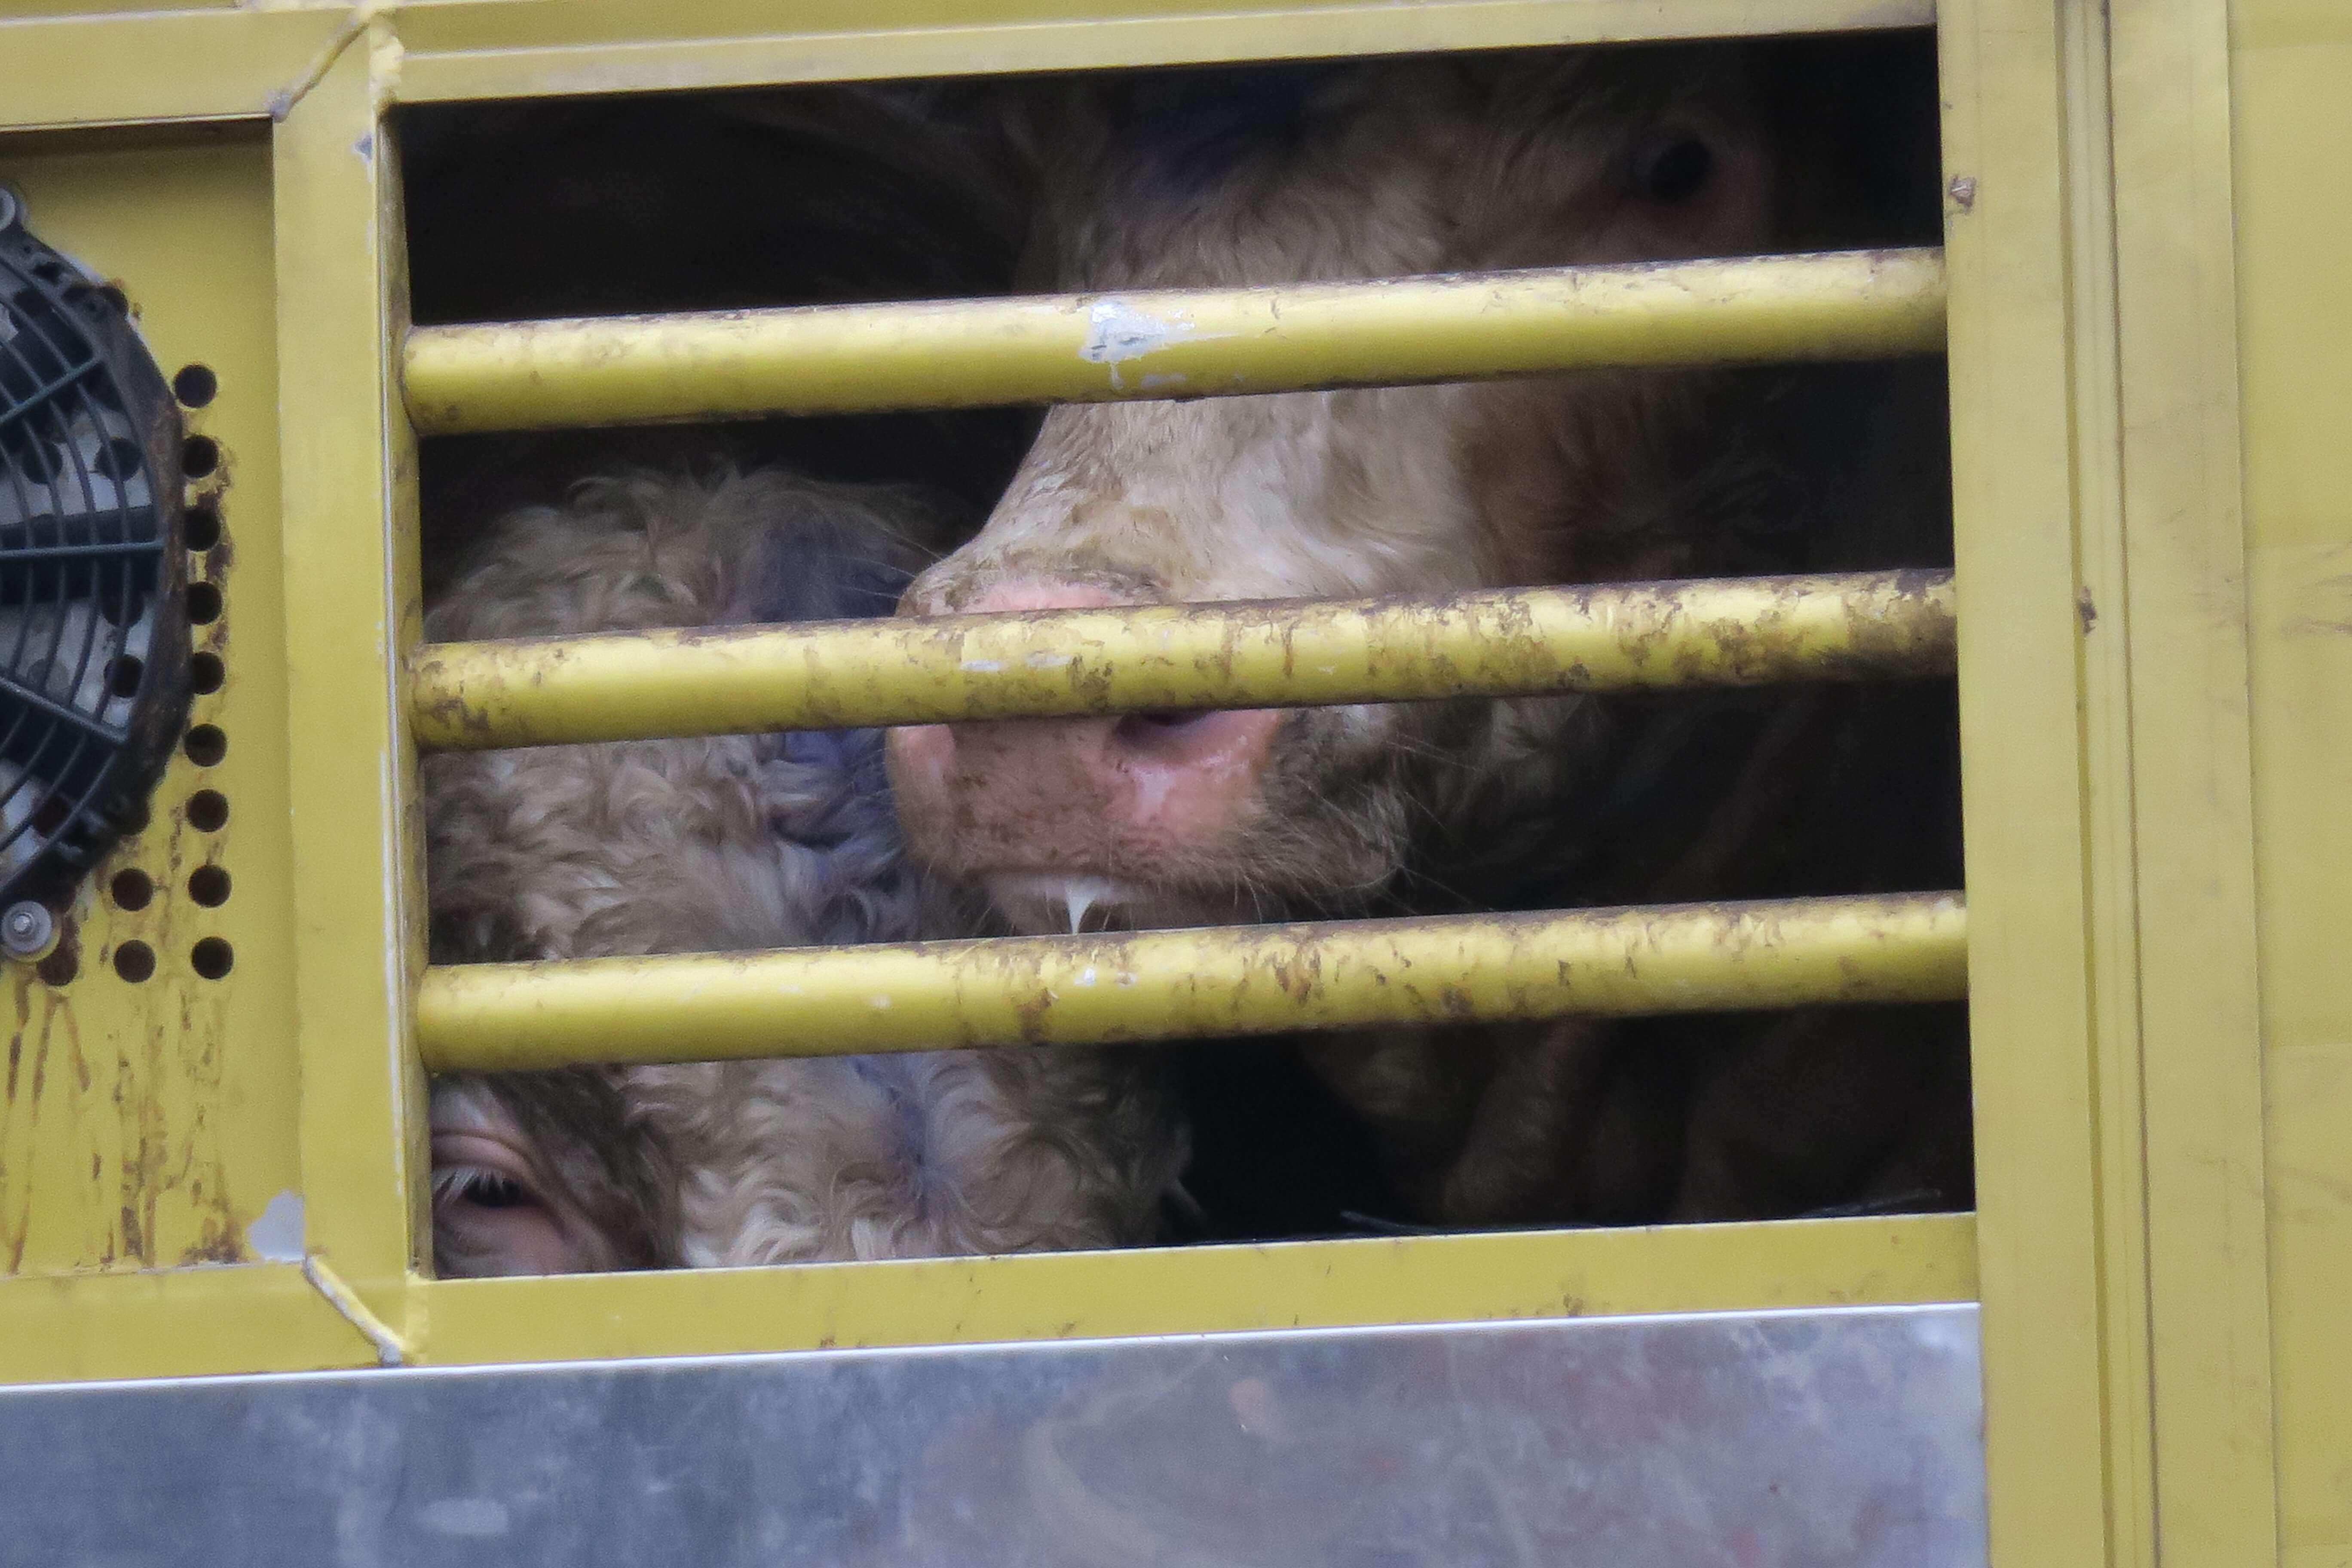 Nein zu EU-Tiertransporten – Redebeitrag am 11.5.2019 in Berlin